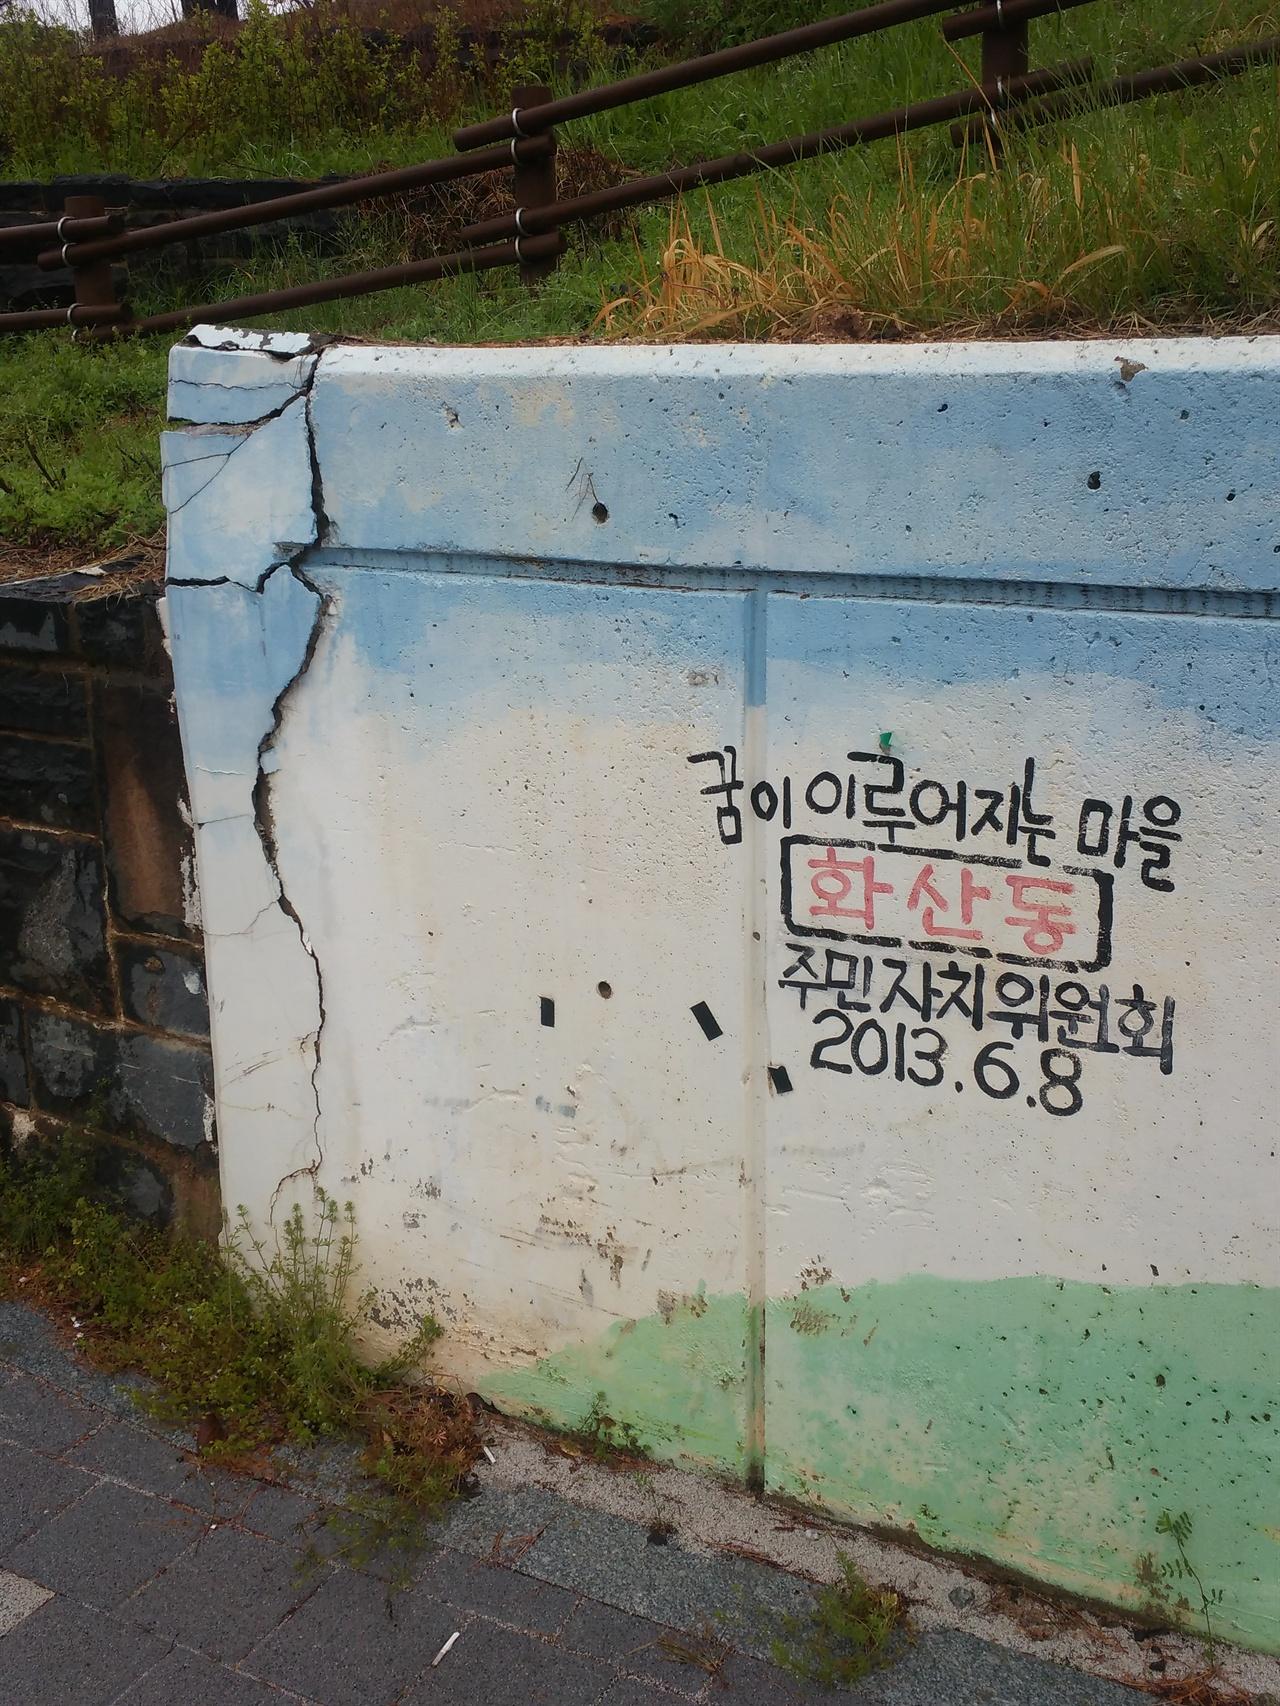 현충공원 공사 이후 파손된 담벼락.